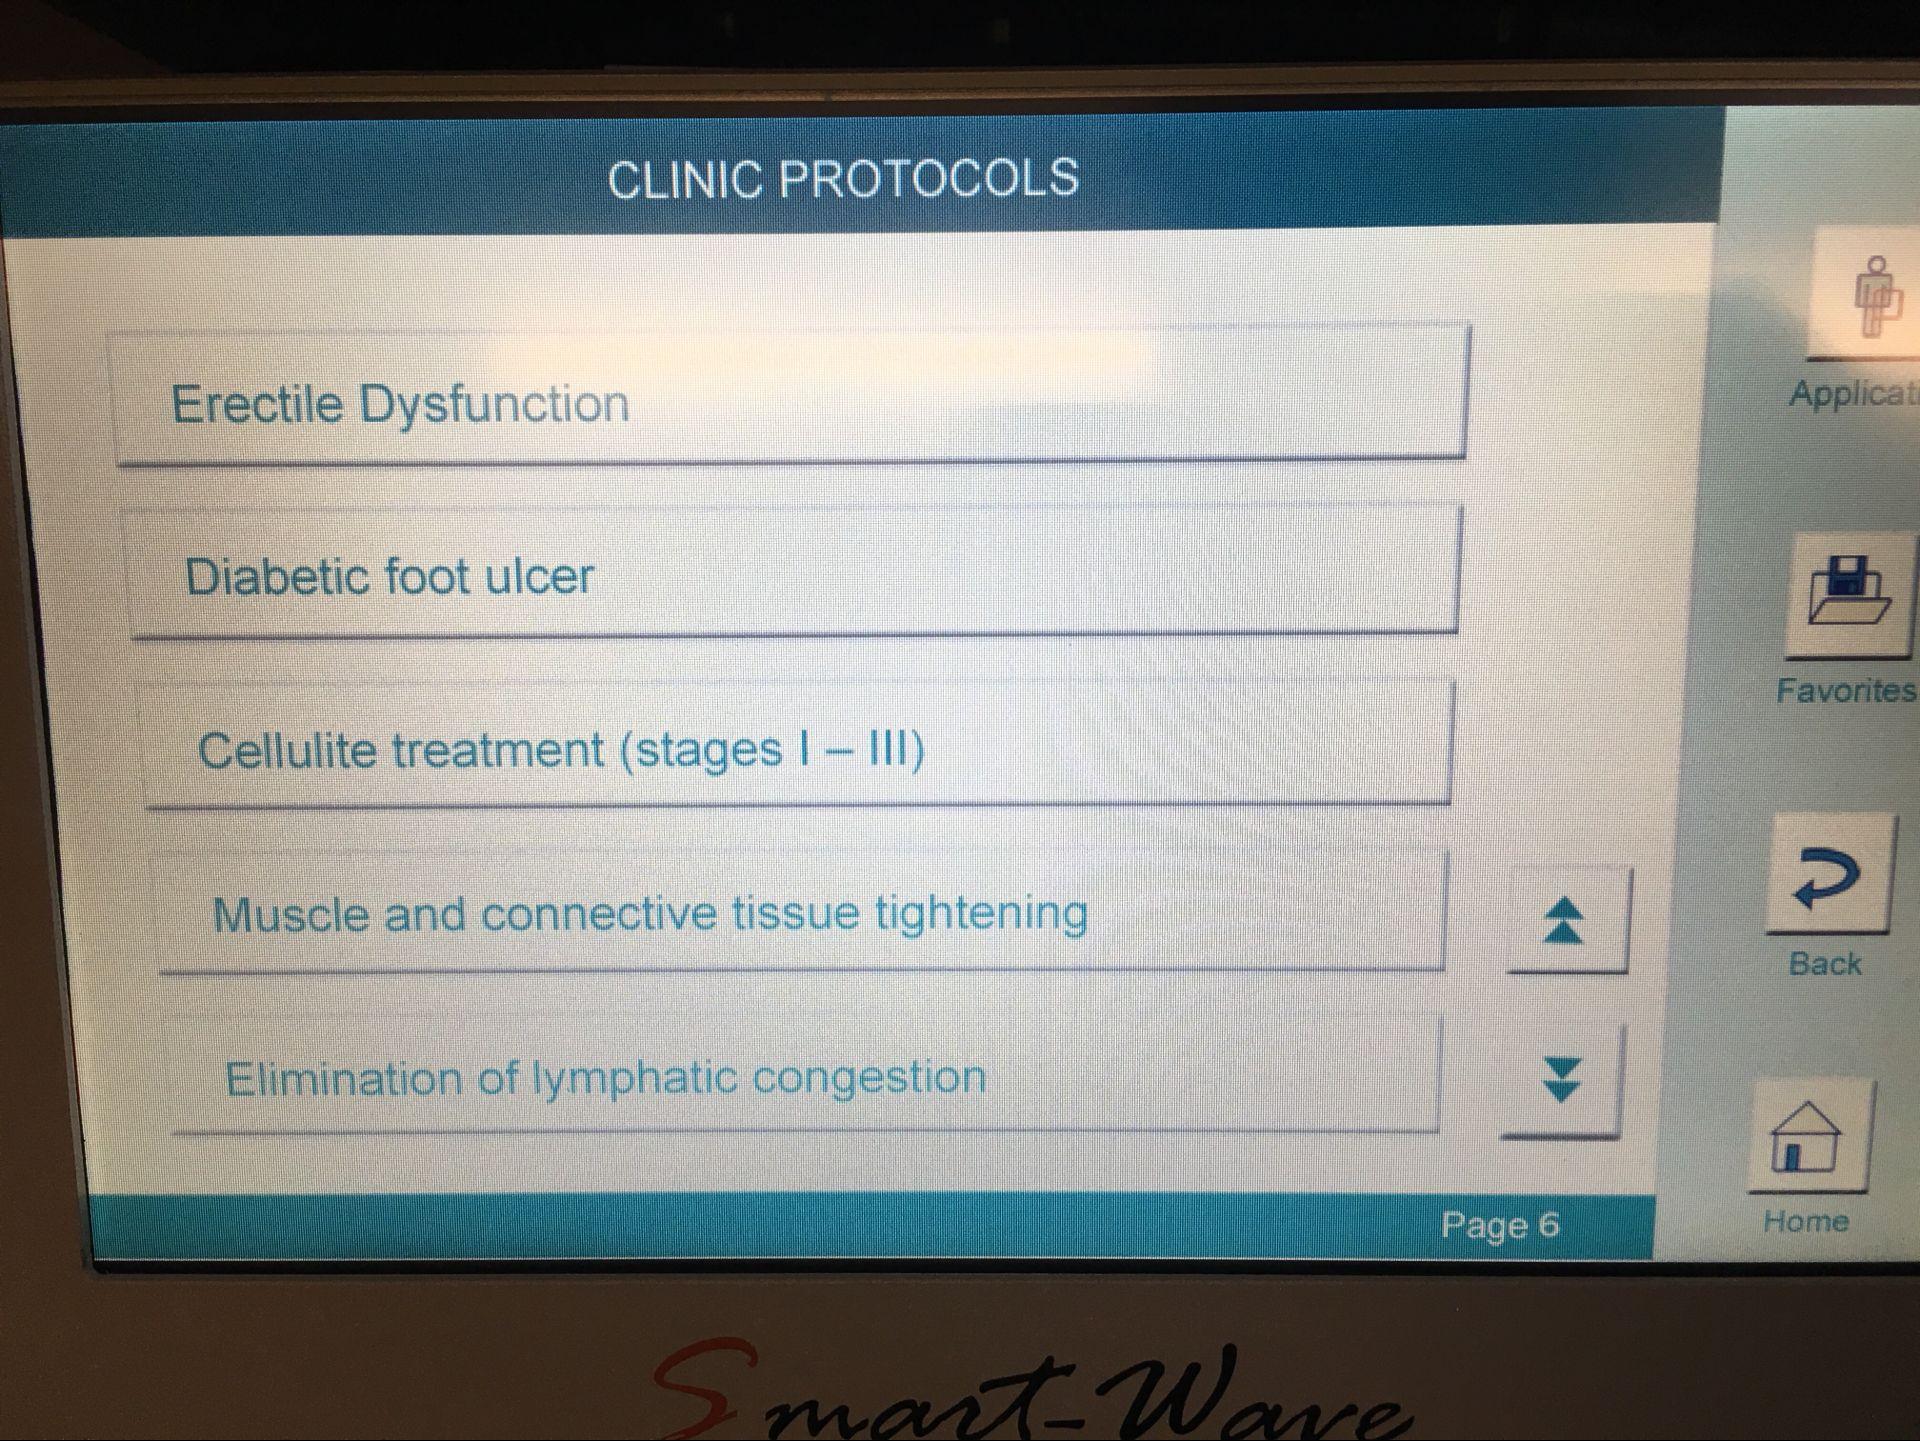 agopuntore correlato a disfunzioni erettili